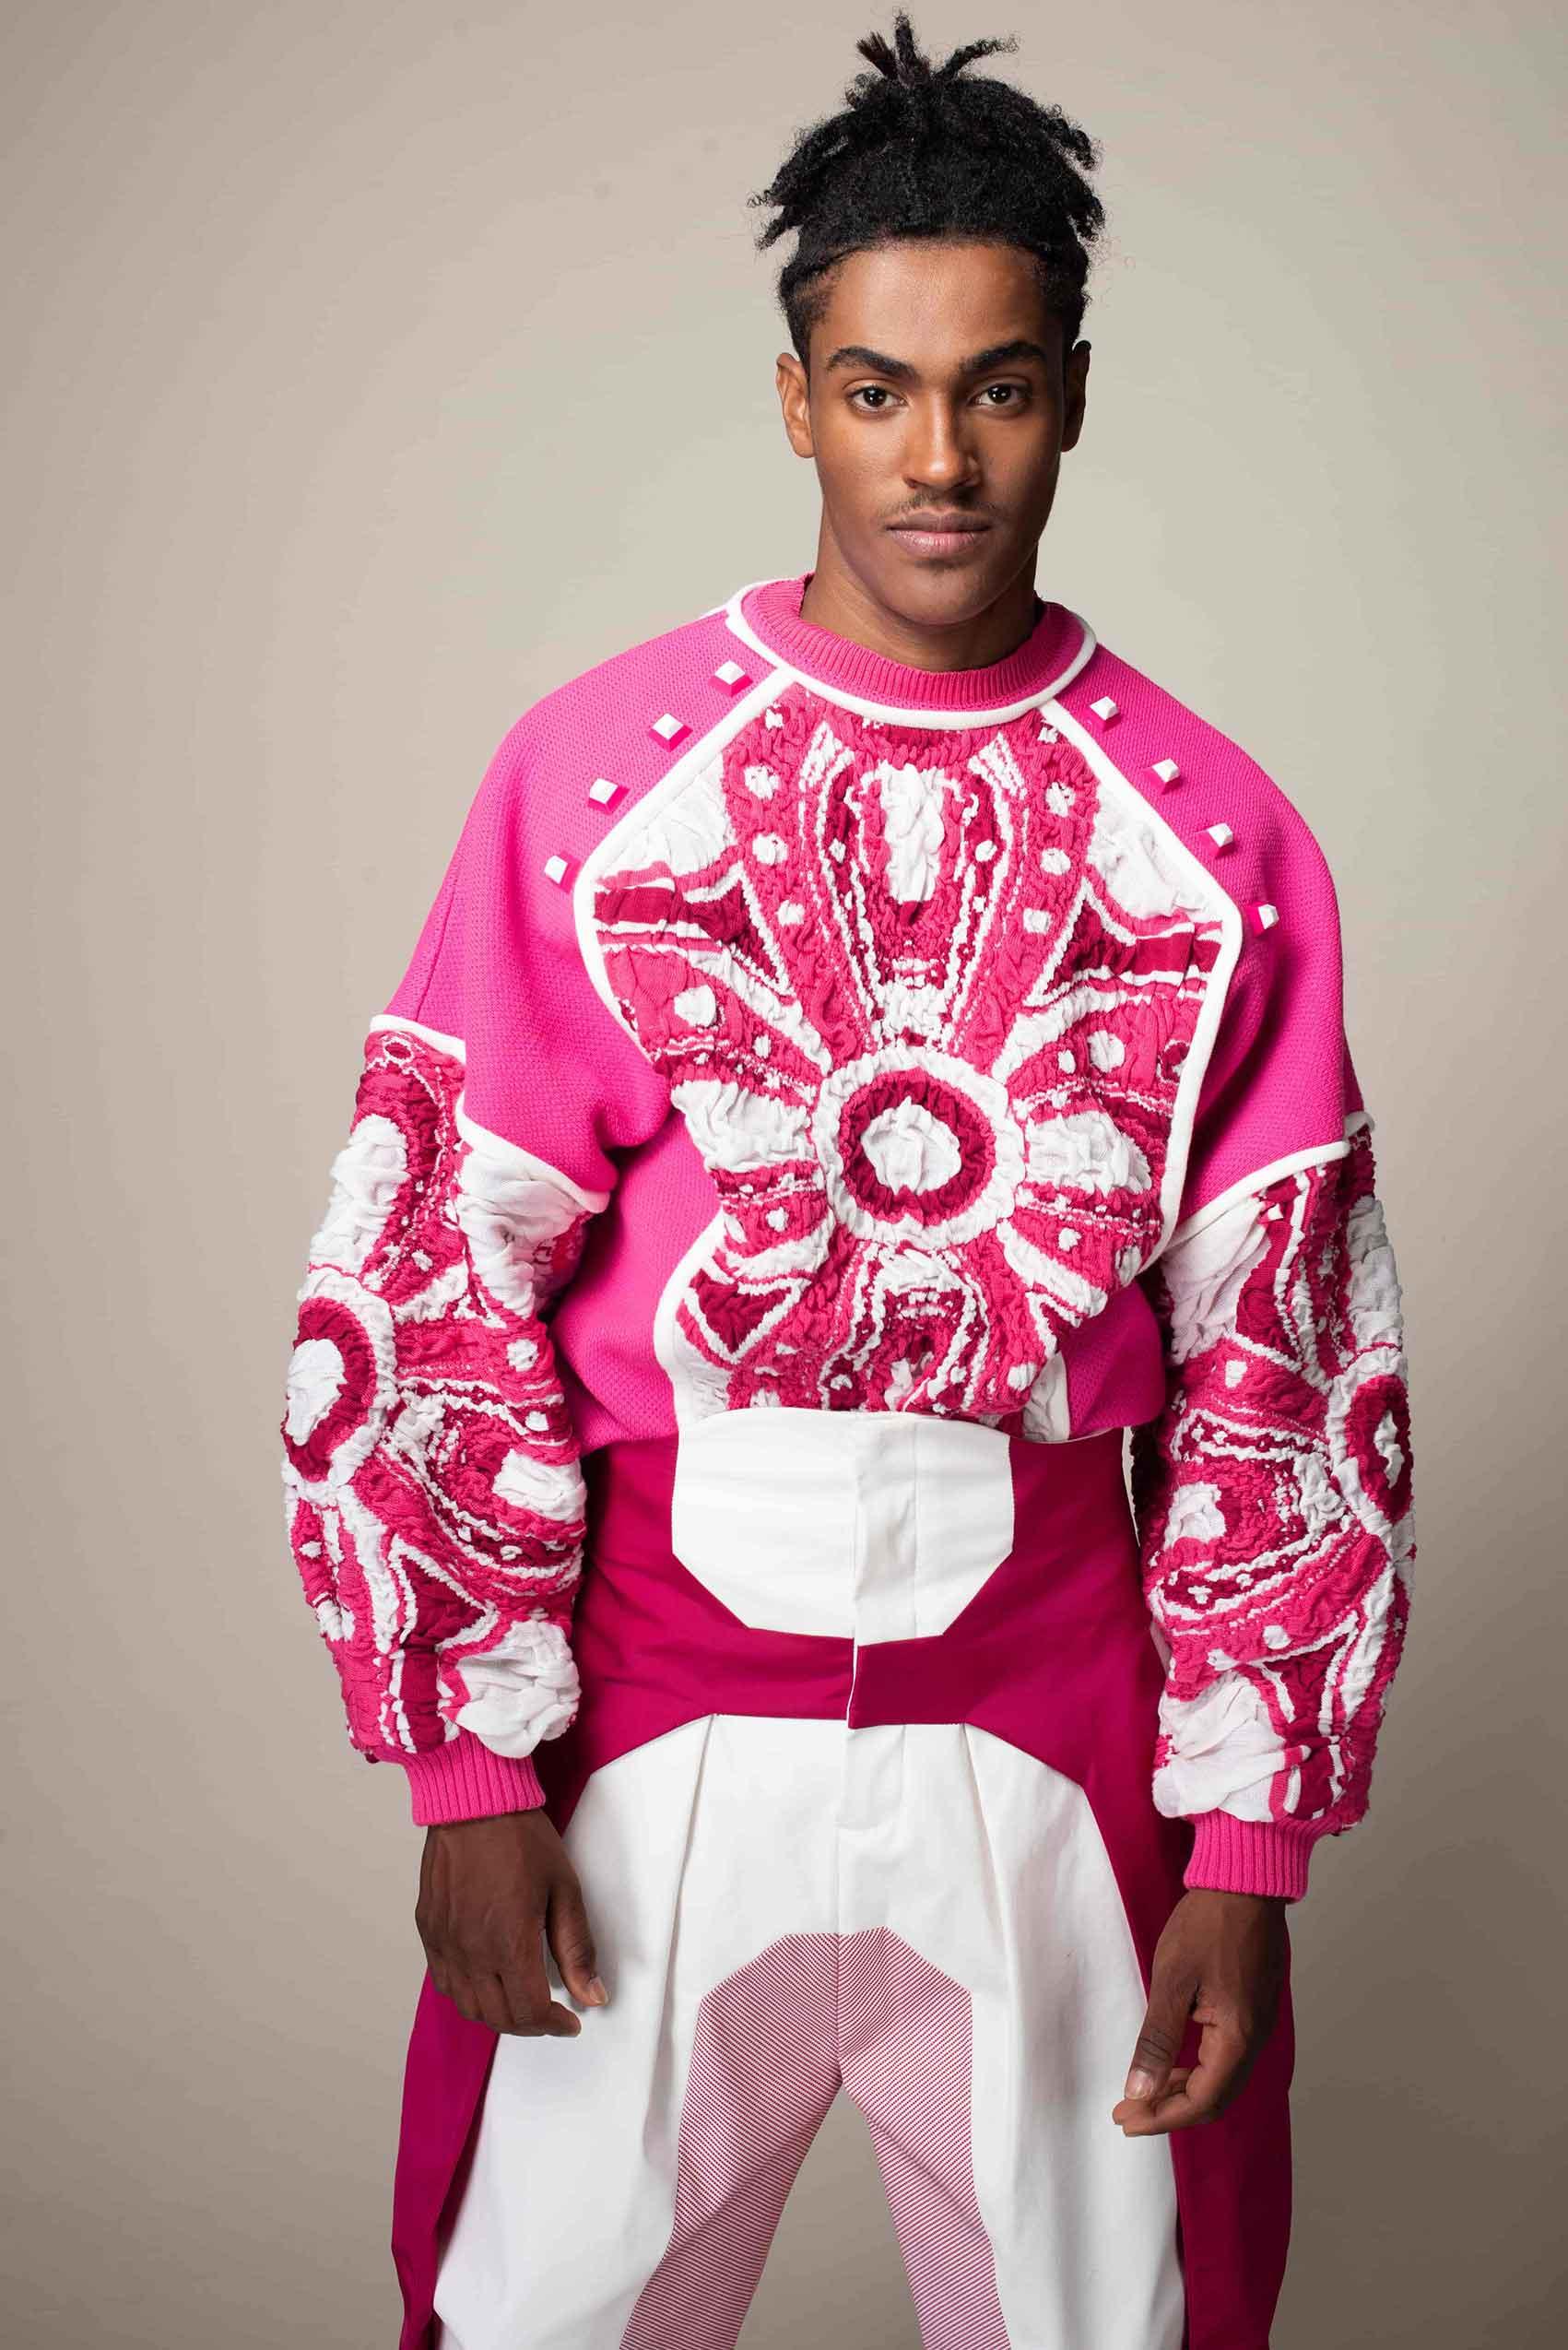 תומר-סטולבוב-קולקציית-גמר-2020-אופנה-חדשות-האופנה-